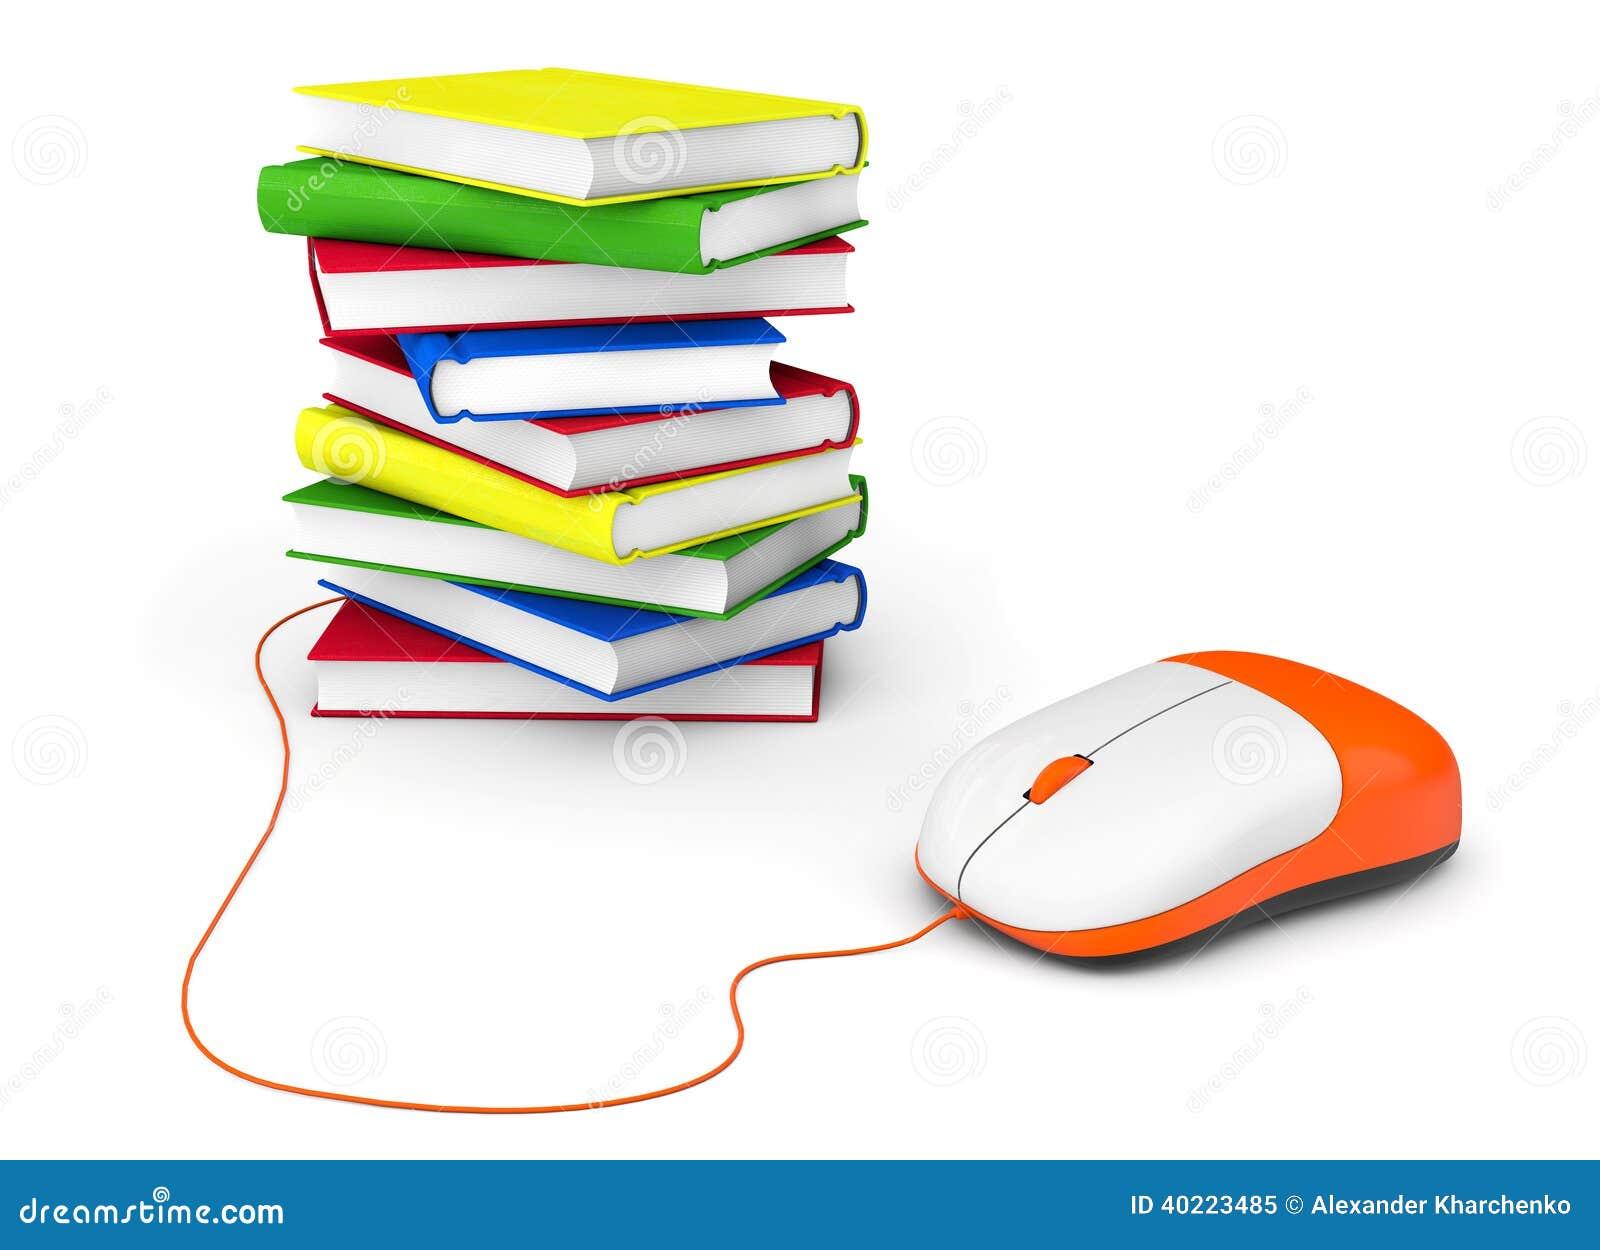 Internetowa edukacja. Książki i komputerowa mysz